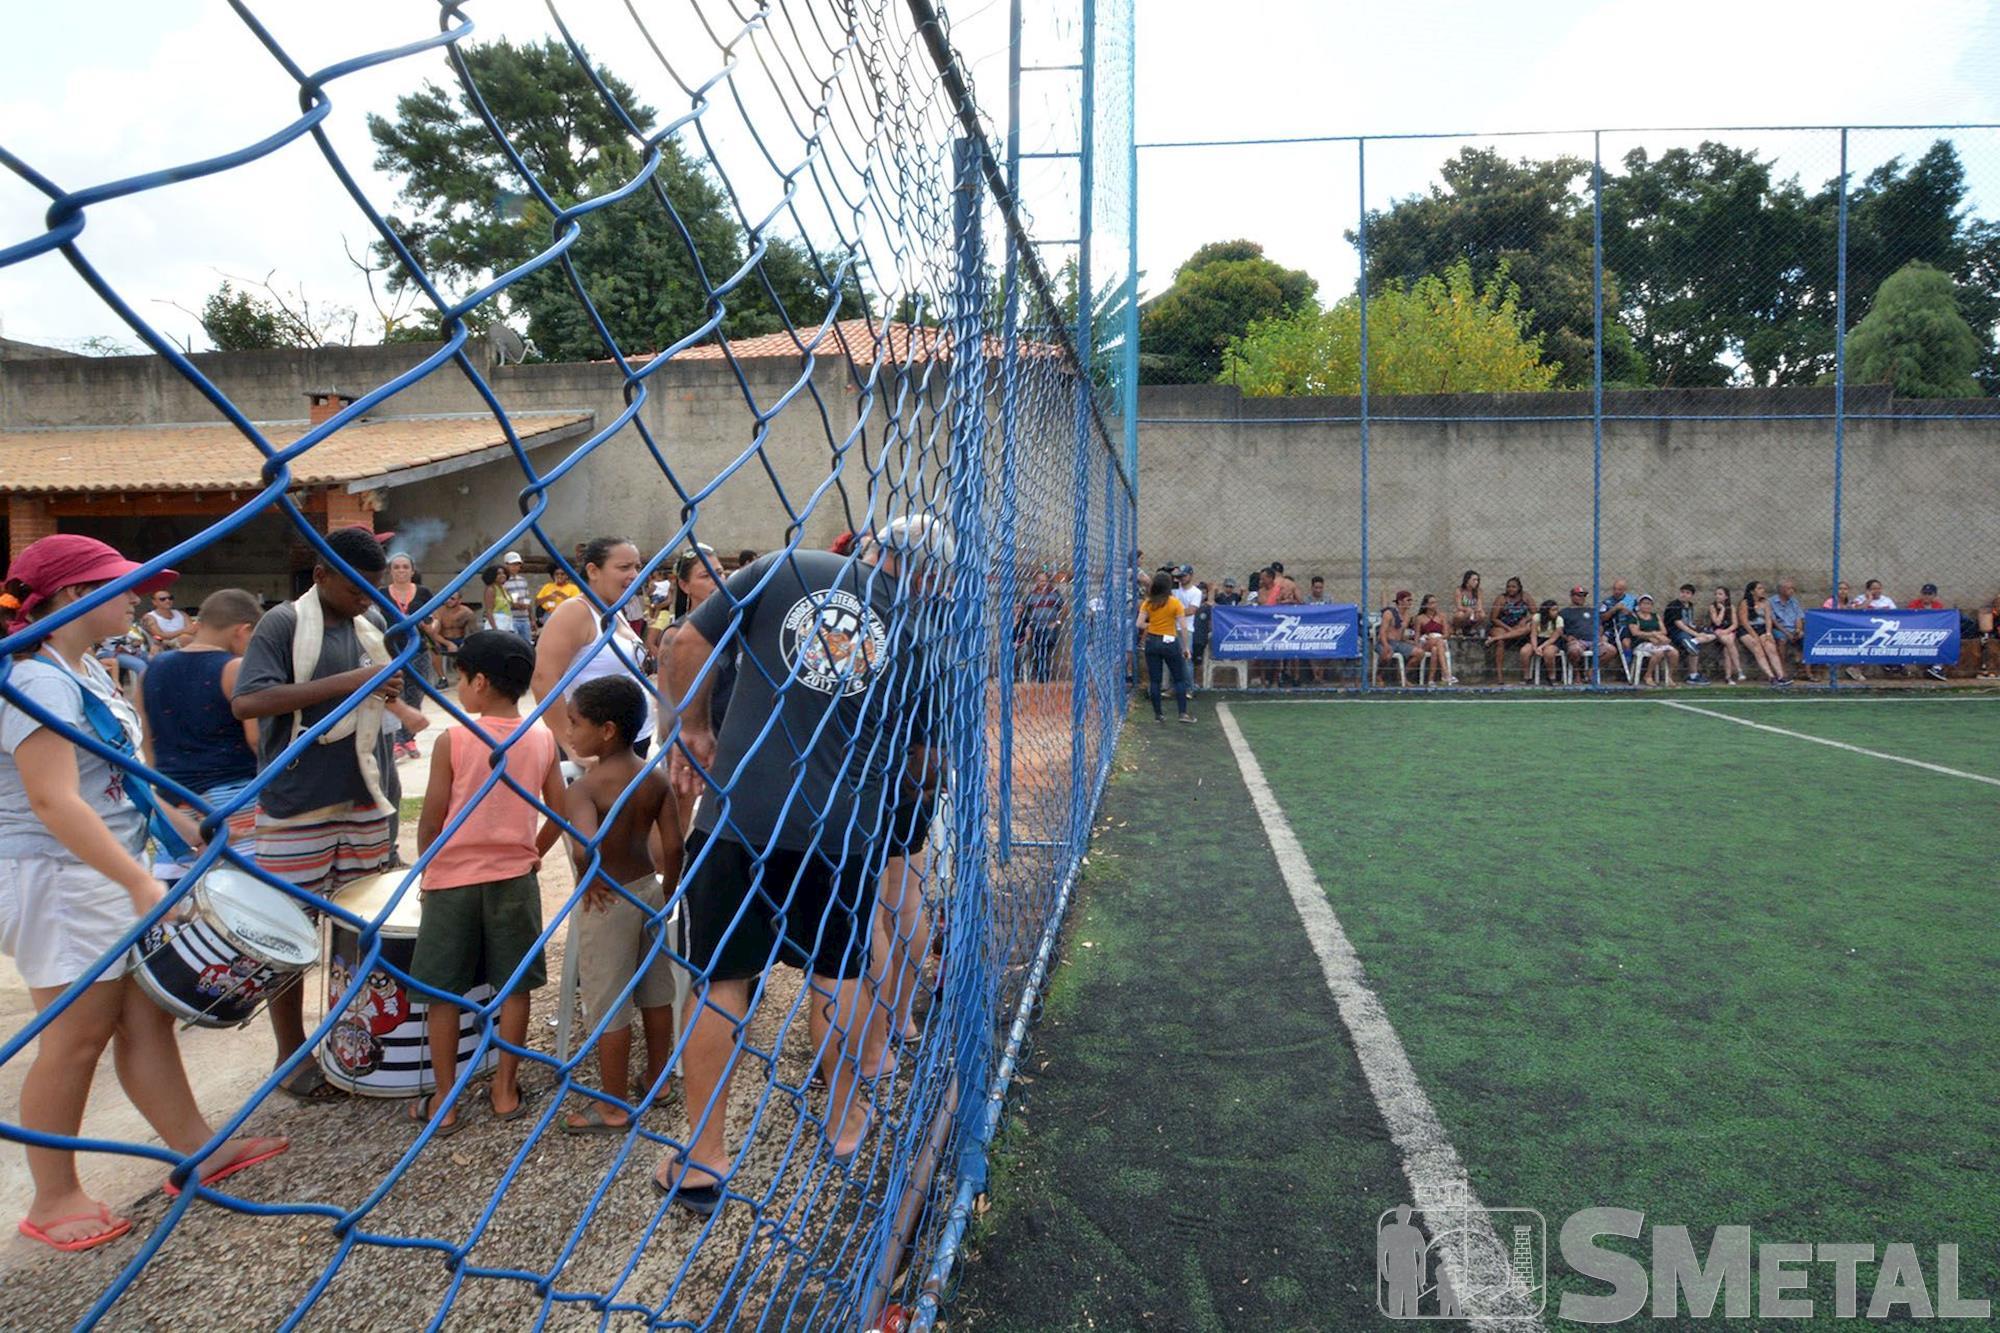 Segunda rodada do Campeonato Paulista de Futebol de Amputados , Amputado,  futebol,  magnus,  jogo,  campeonato, Foguinho/Imprensa SMetal, Time Sorocaba Futebol de Amputados empata com o São Paulo